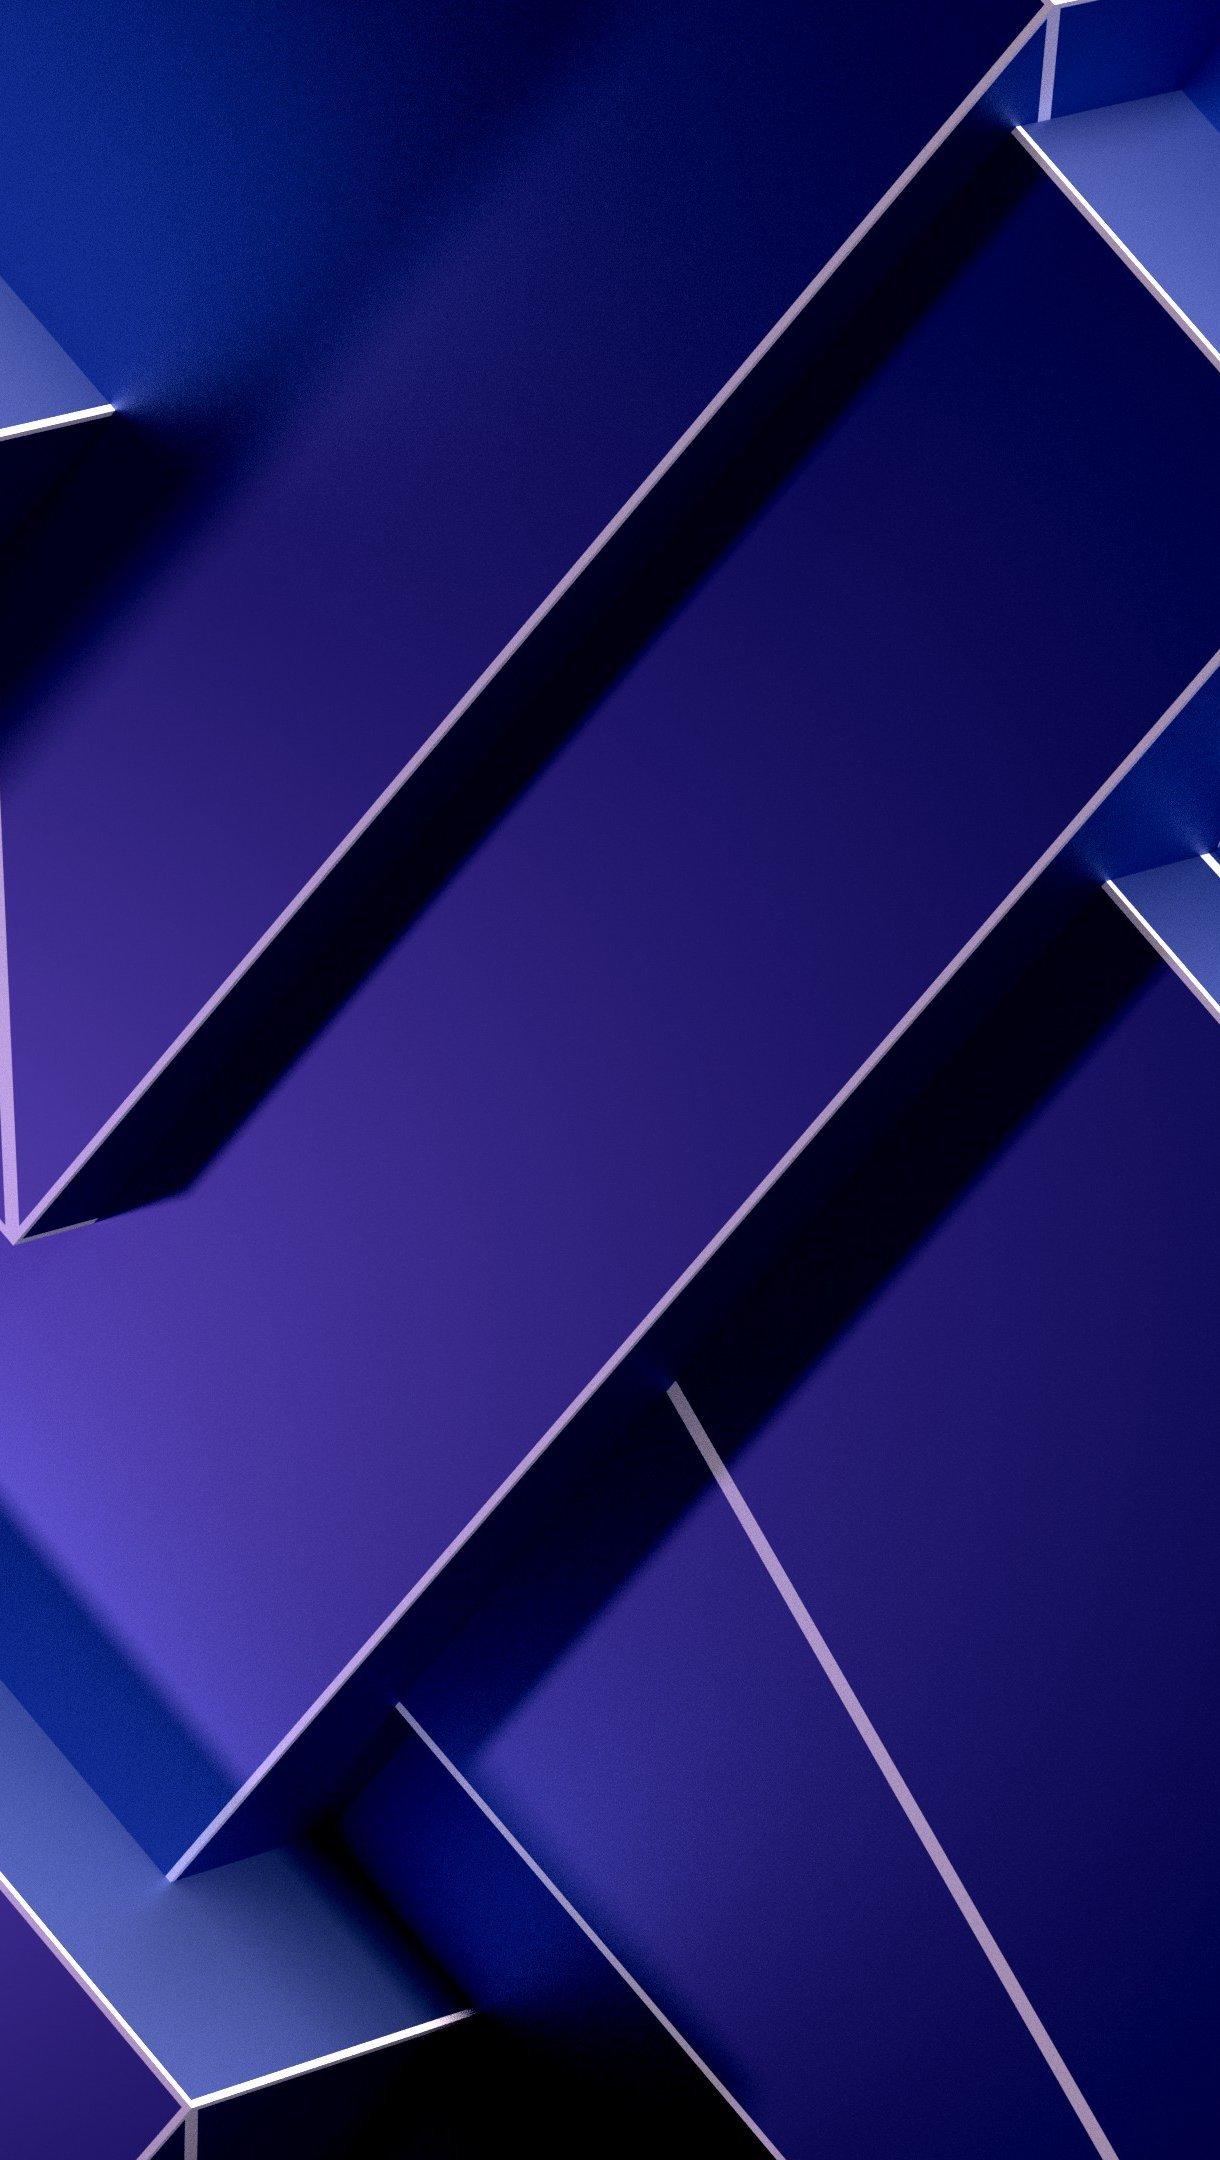 Fondos de pantalla Geometría 3D Vertical